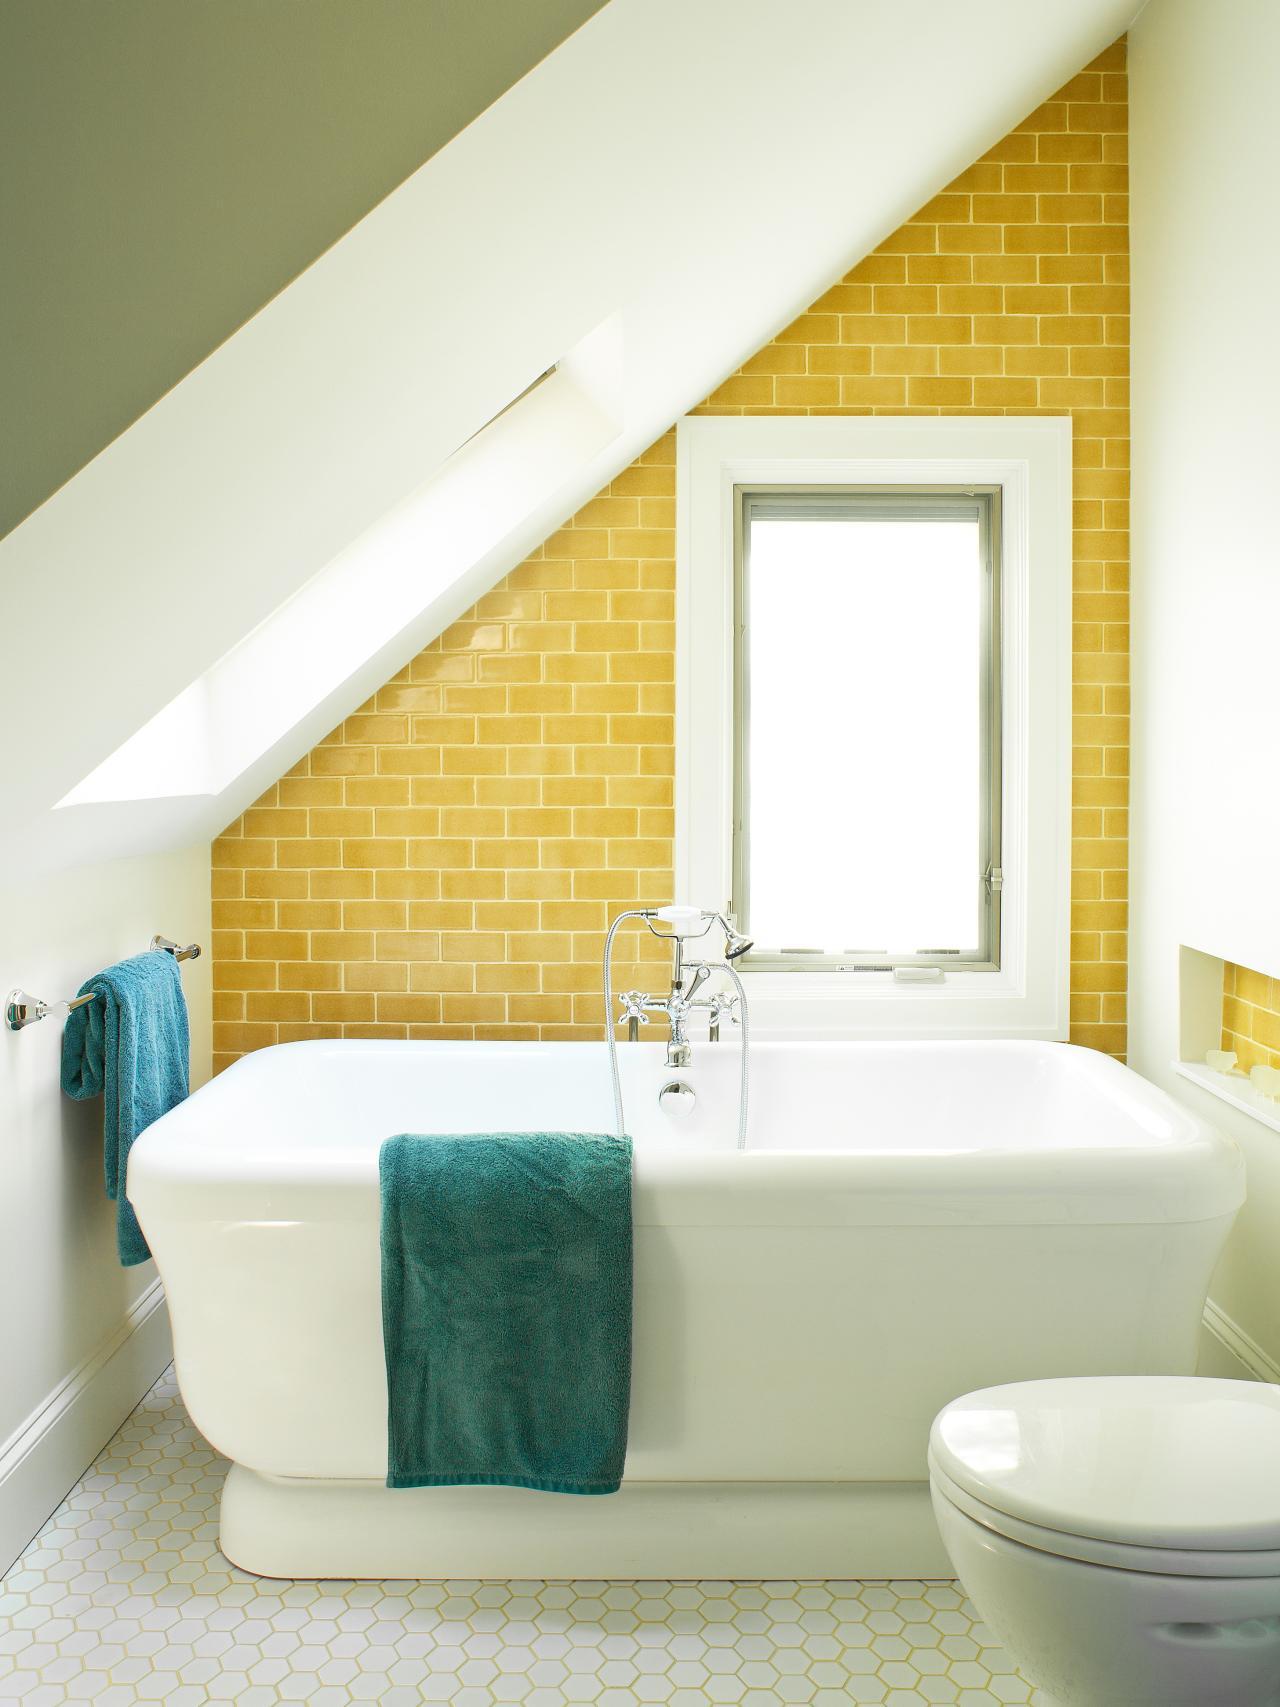 Happy bathroom wall